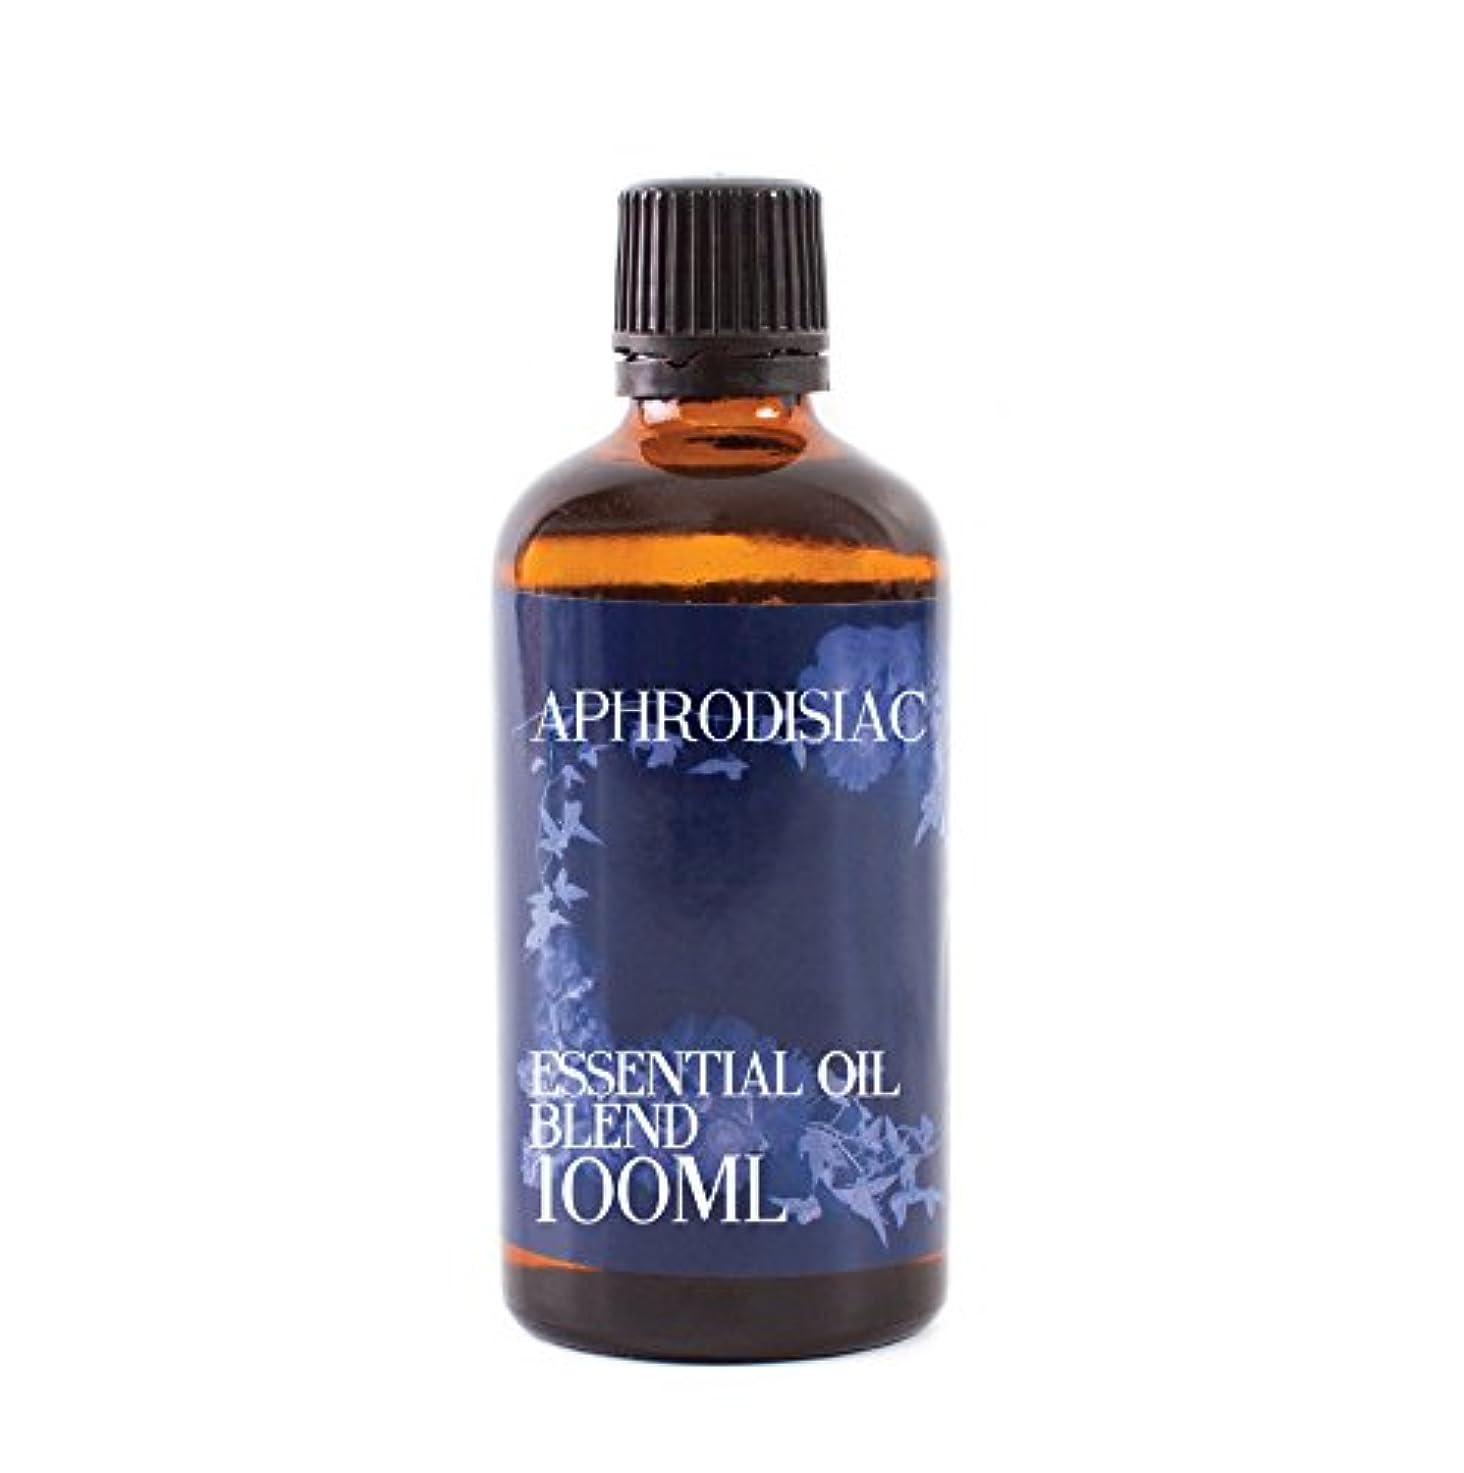 仲人無法者検索エンジンマーケティングMystix London | Aphrodisiac Essential Oil Blend - 100ml - 100% Pure